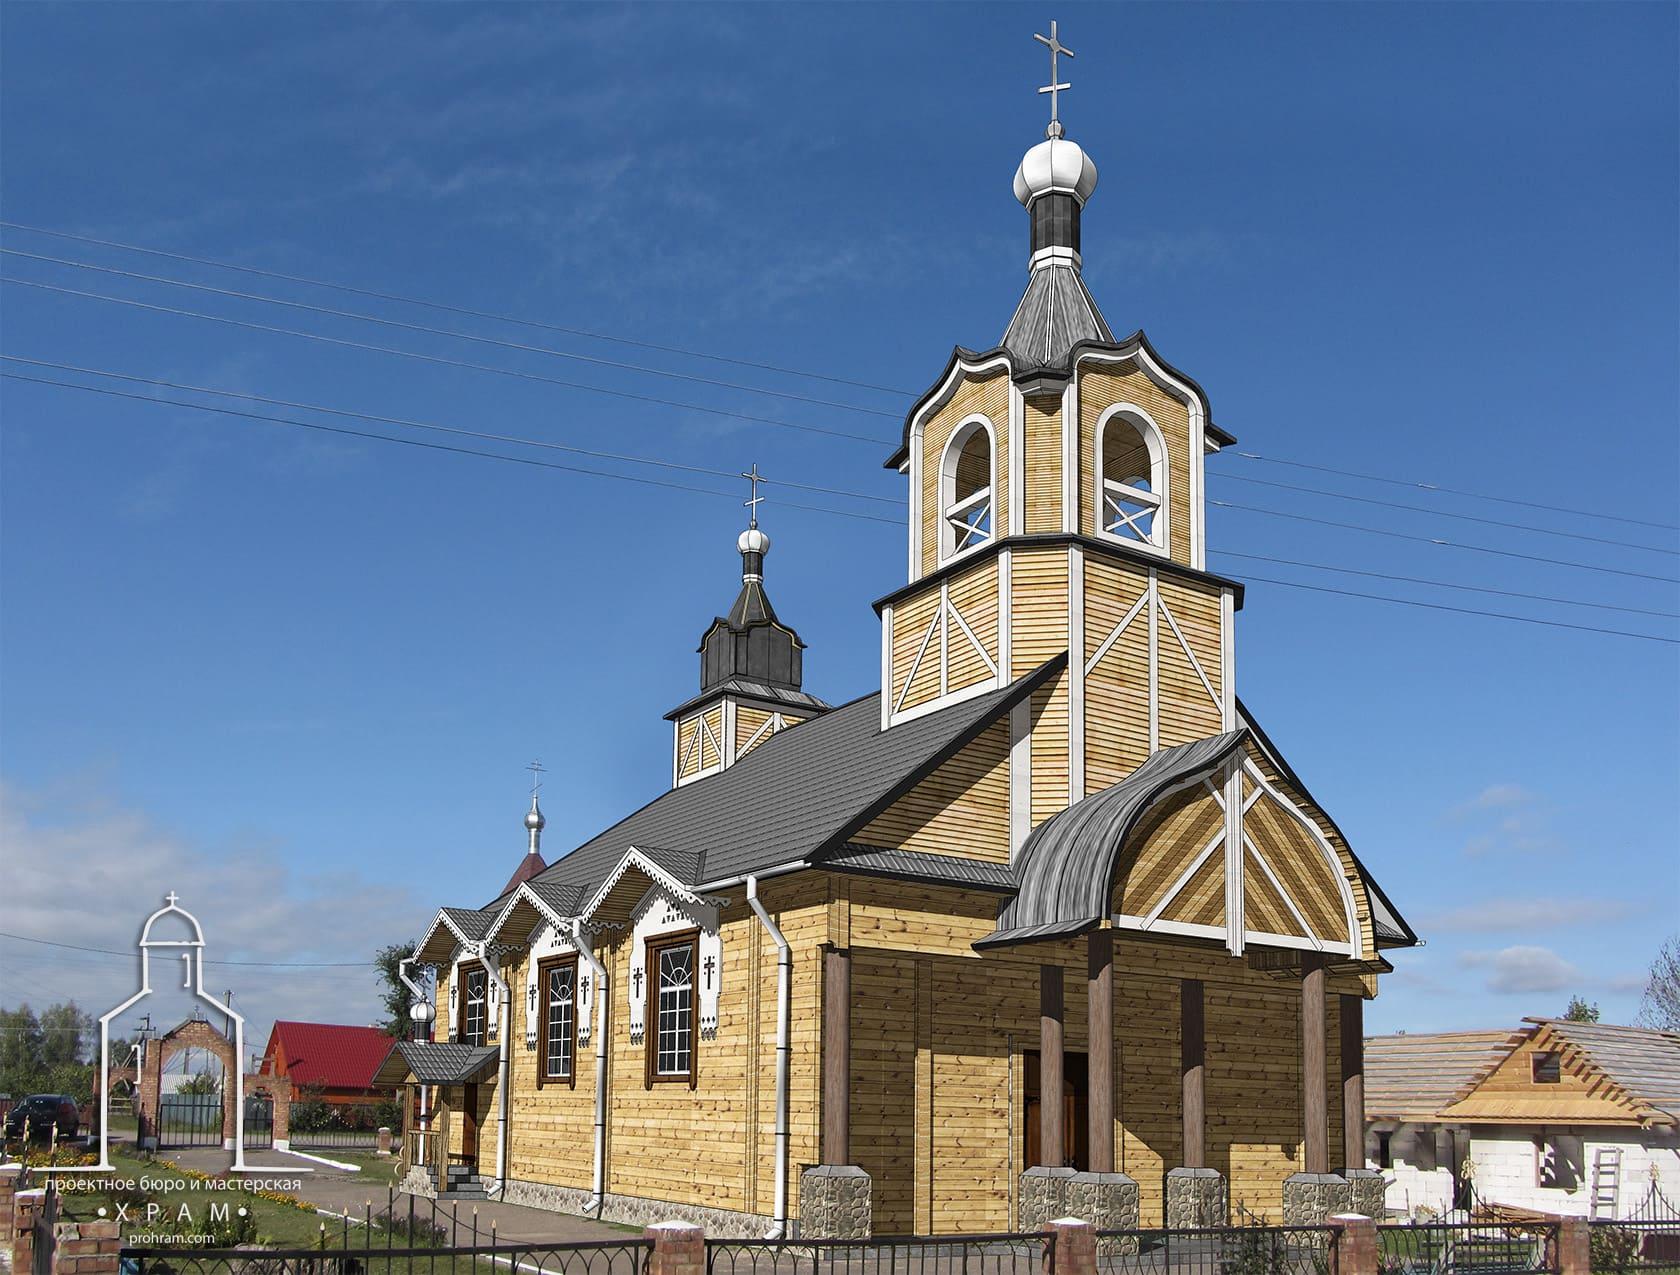 Проект реконструкции храма, реконструкция деревянного храма, православный храм проект, архитектурные мастерские православные